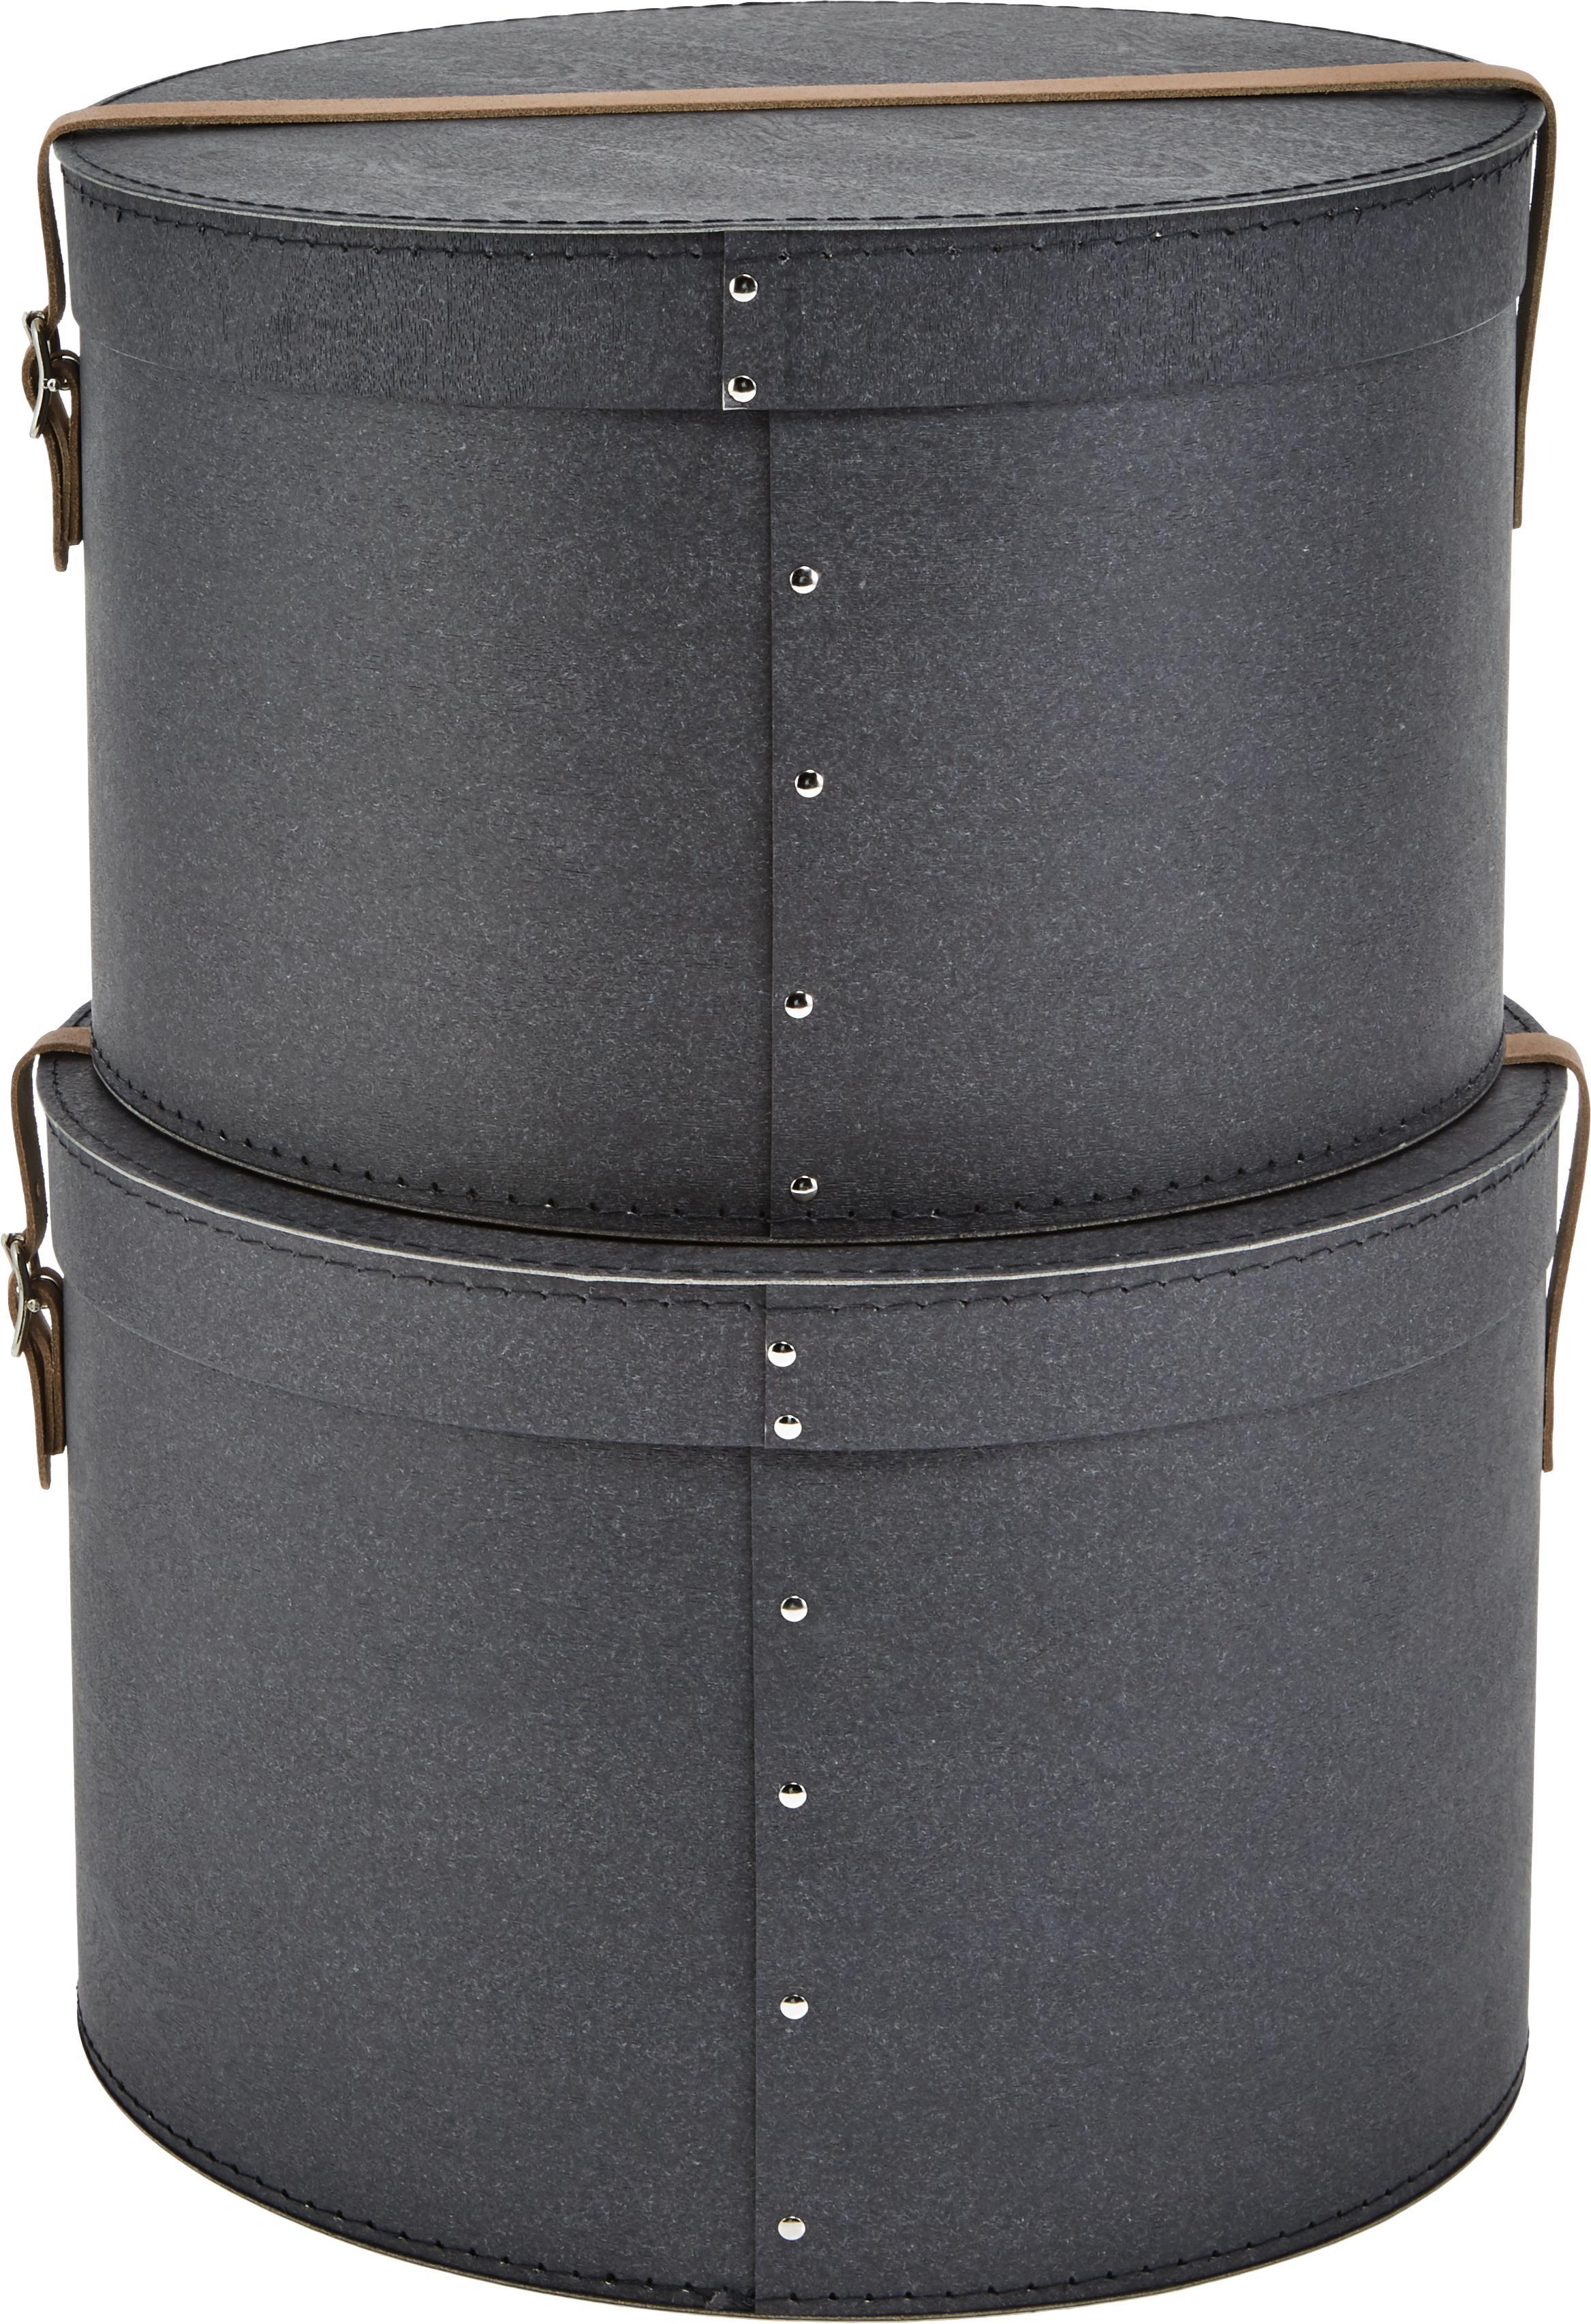 Aufbewahrungsboxen-Set Rut, 2-tlg., Box: Fester Karton, mit Holzde, Griff: Leder, Metall, Box außen: SchwarzBox innen: SchwarzGriff: Beige, Sondergrößen